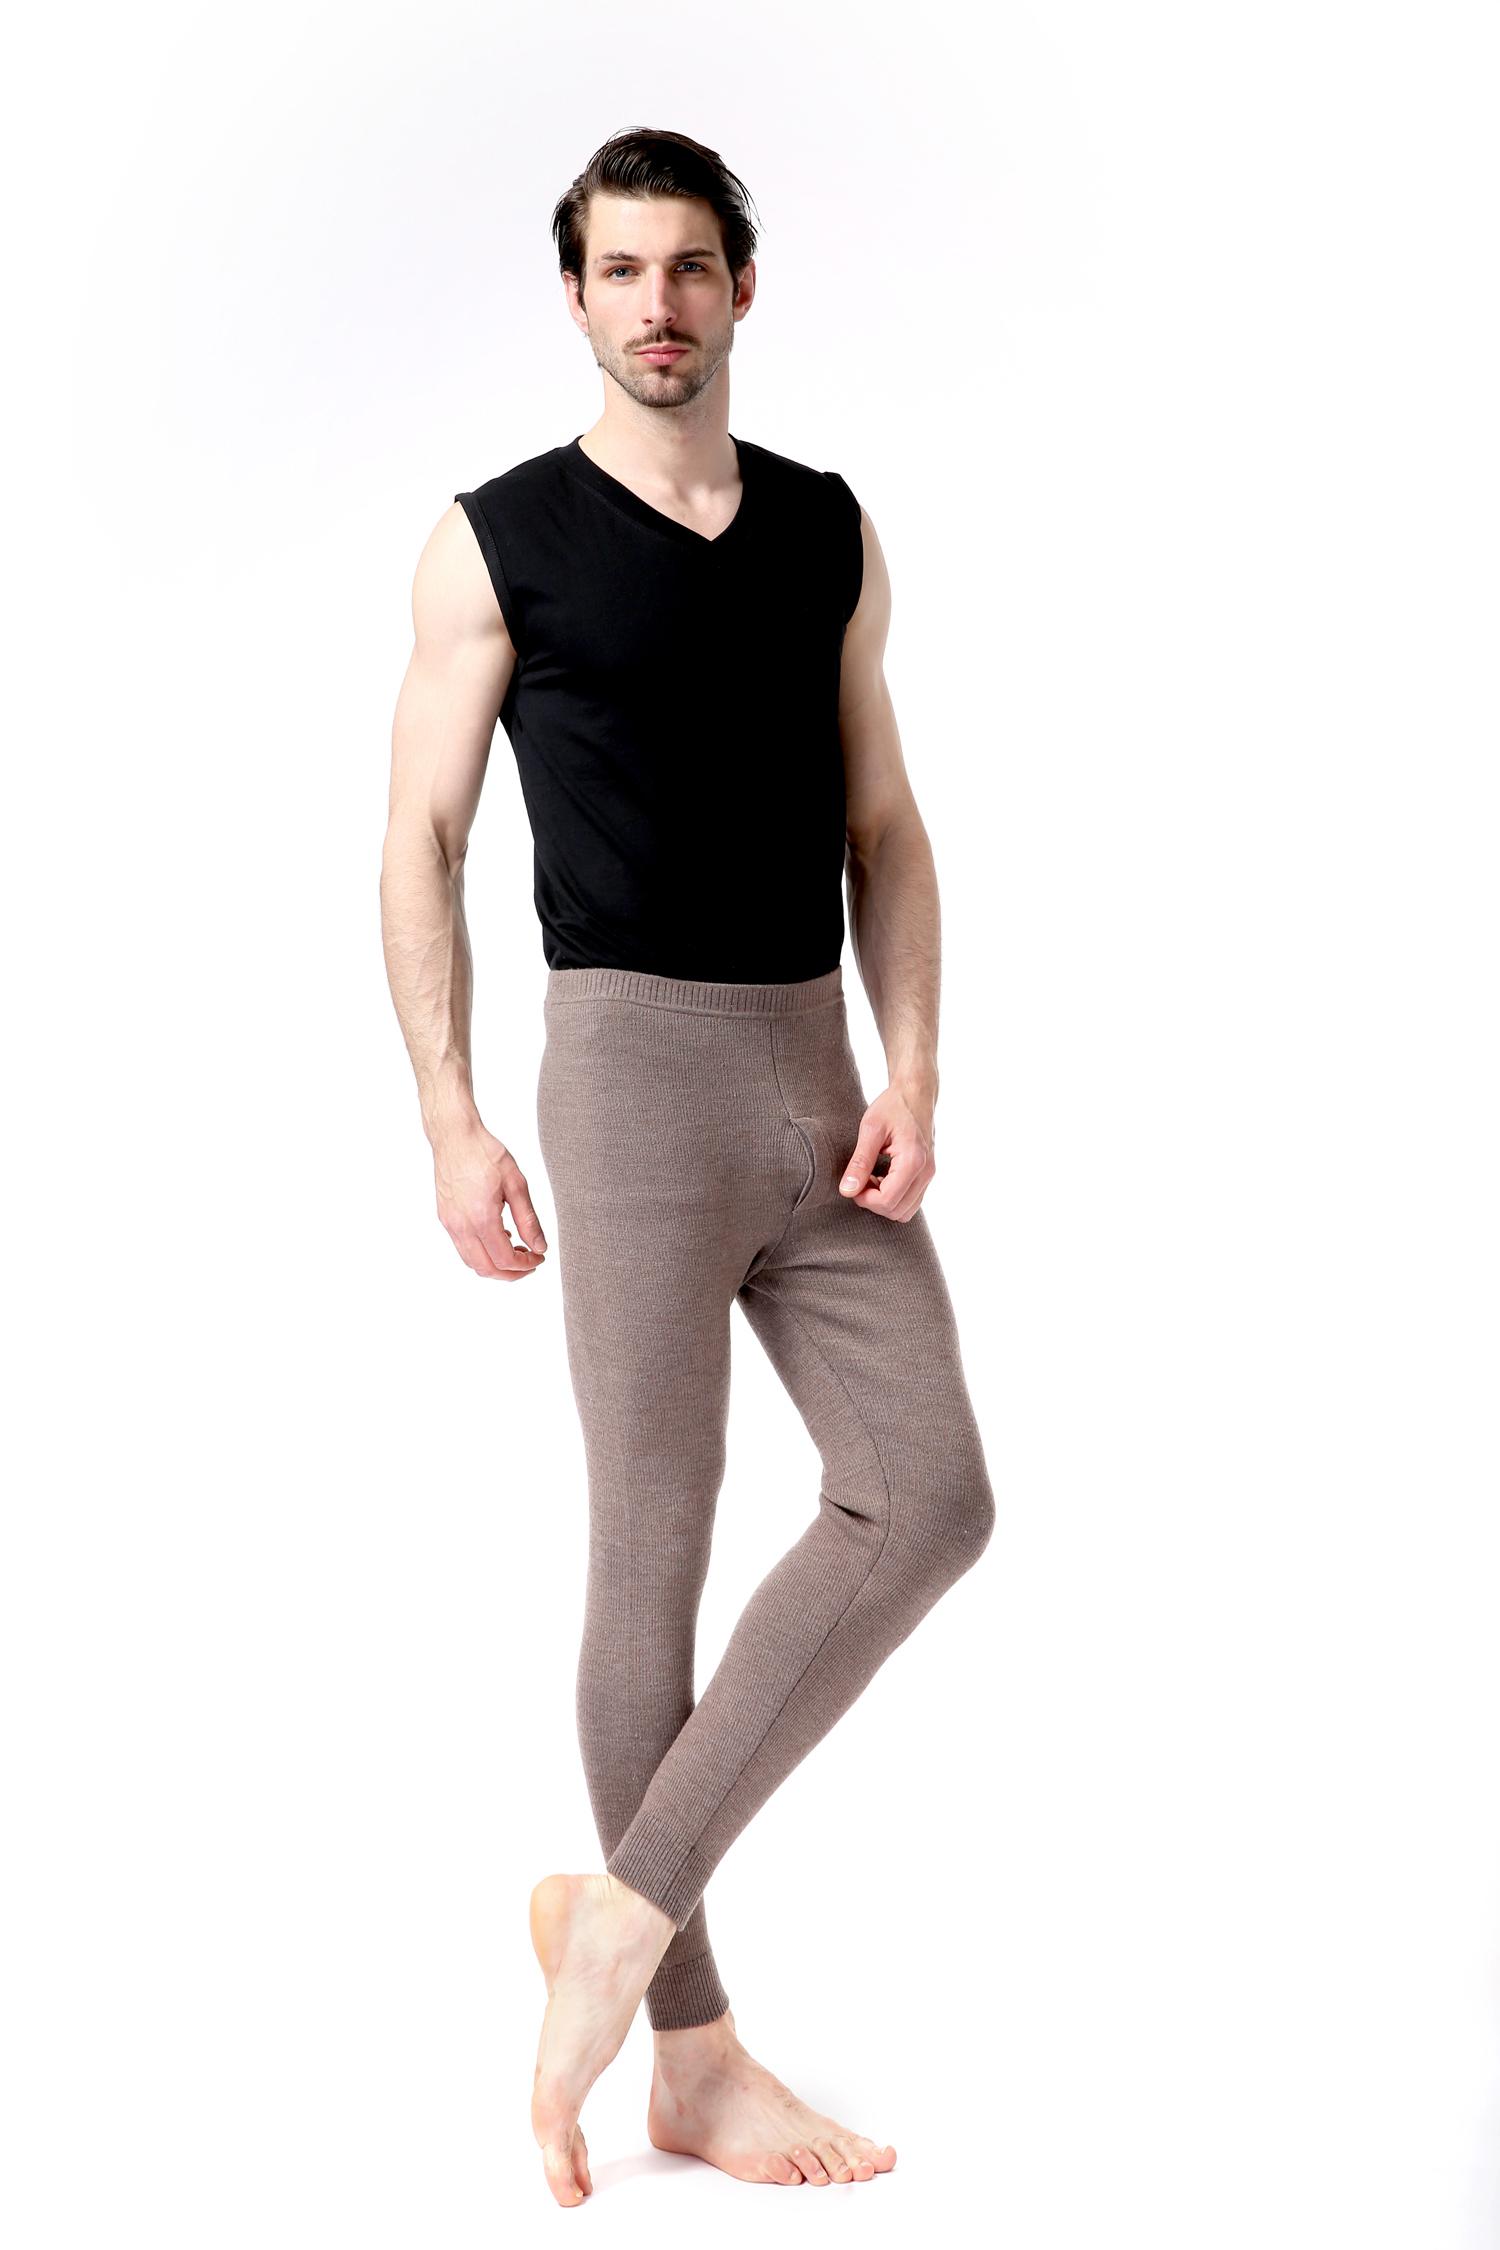 乌兰察布打底裤:奢华的都兰诺斯澳毛男抽条裤推荐